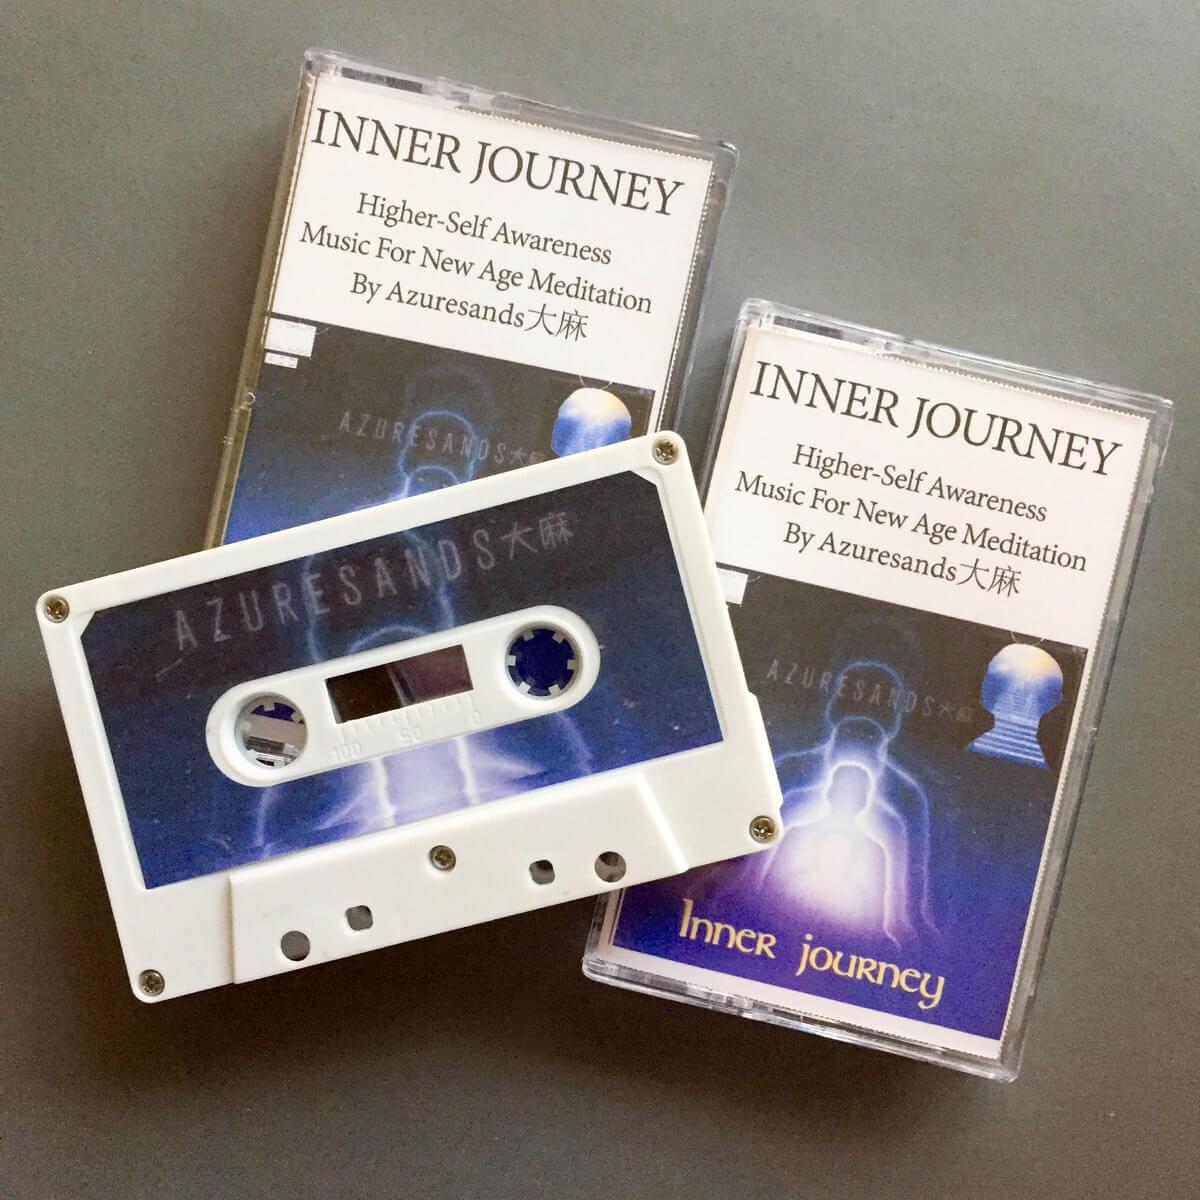 Inner Journey by Azuresands大麻 (Classic reissue edition cassette) 1